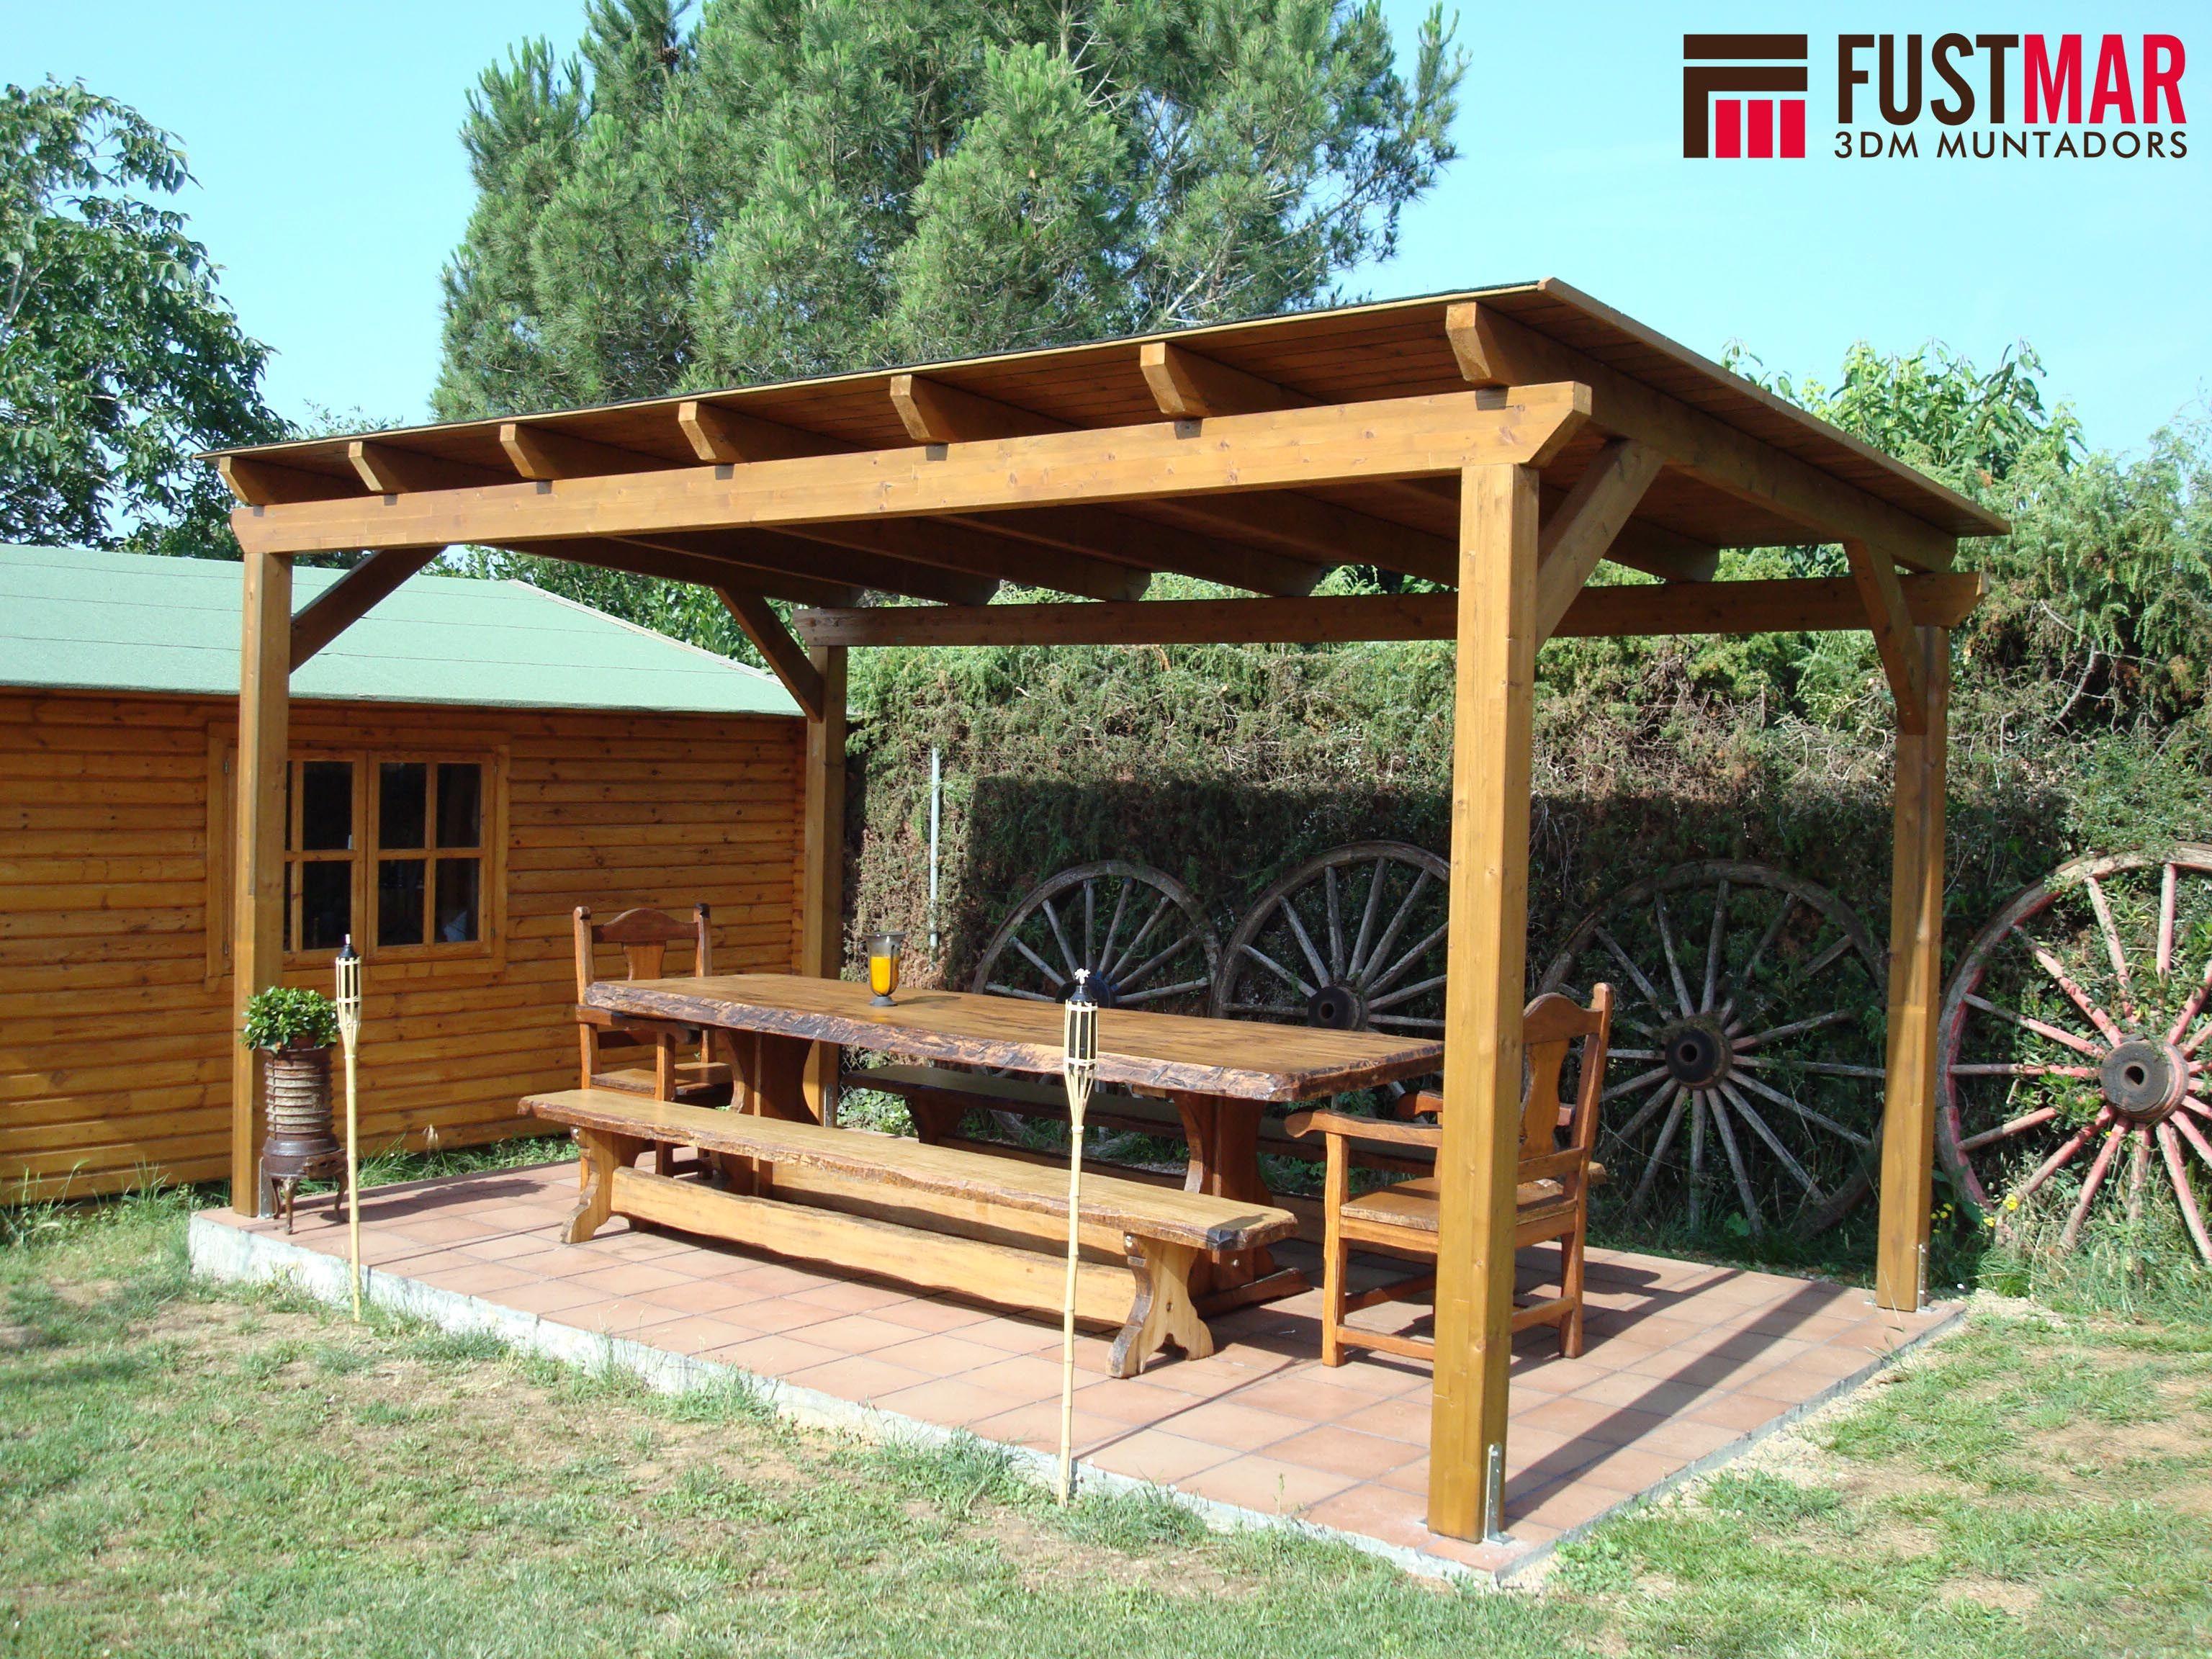 pergola de madera de abeto laminado lasurado en color nogal con techo de madera machiembrada